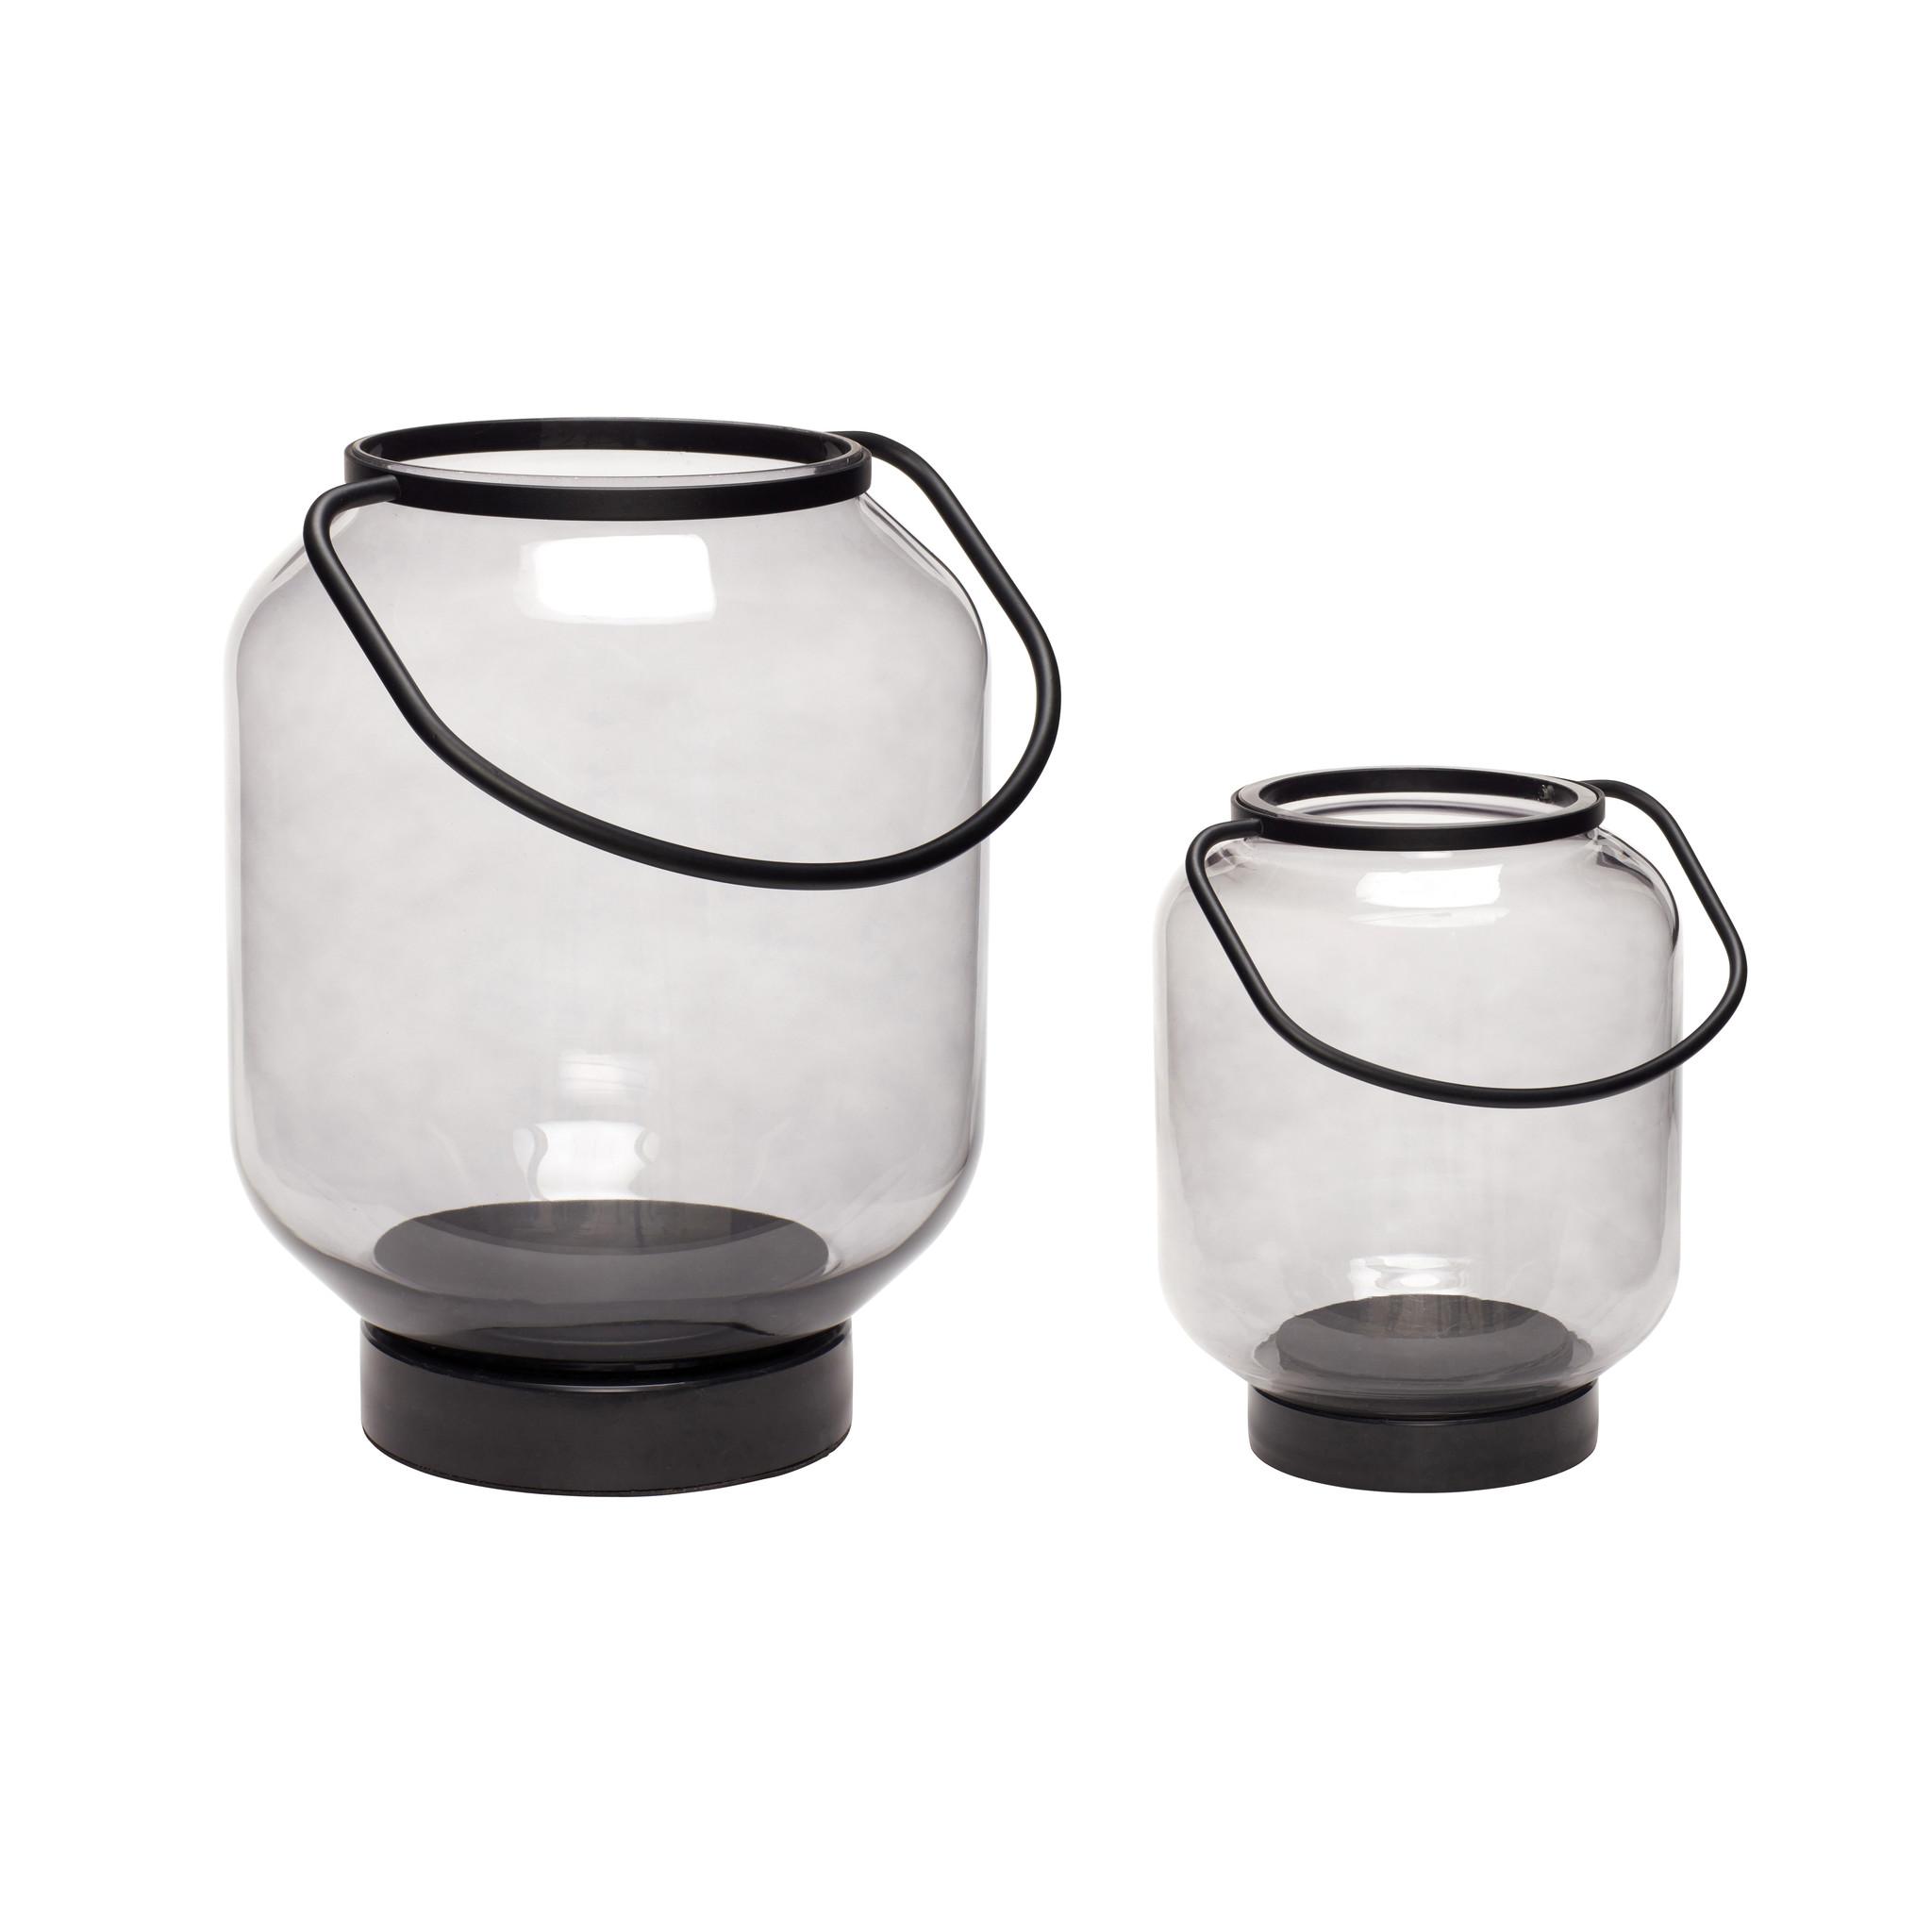 Hubsch Lantaarn, glaset van metaal, zwart / helder, set van 2